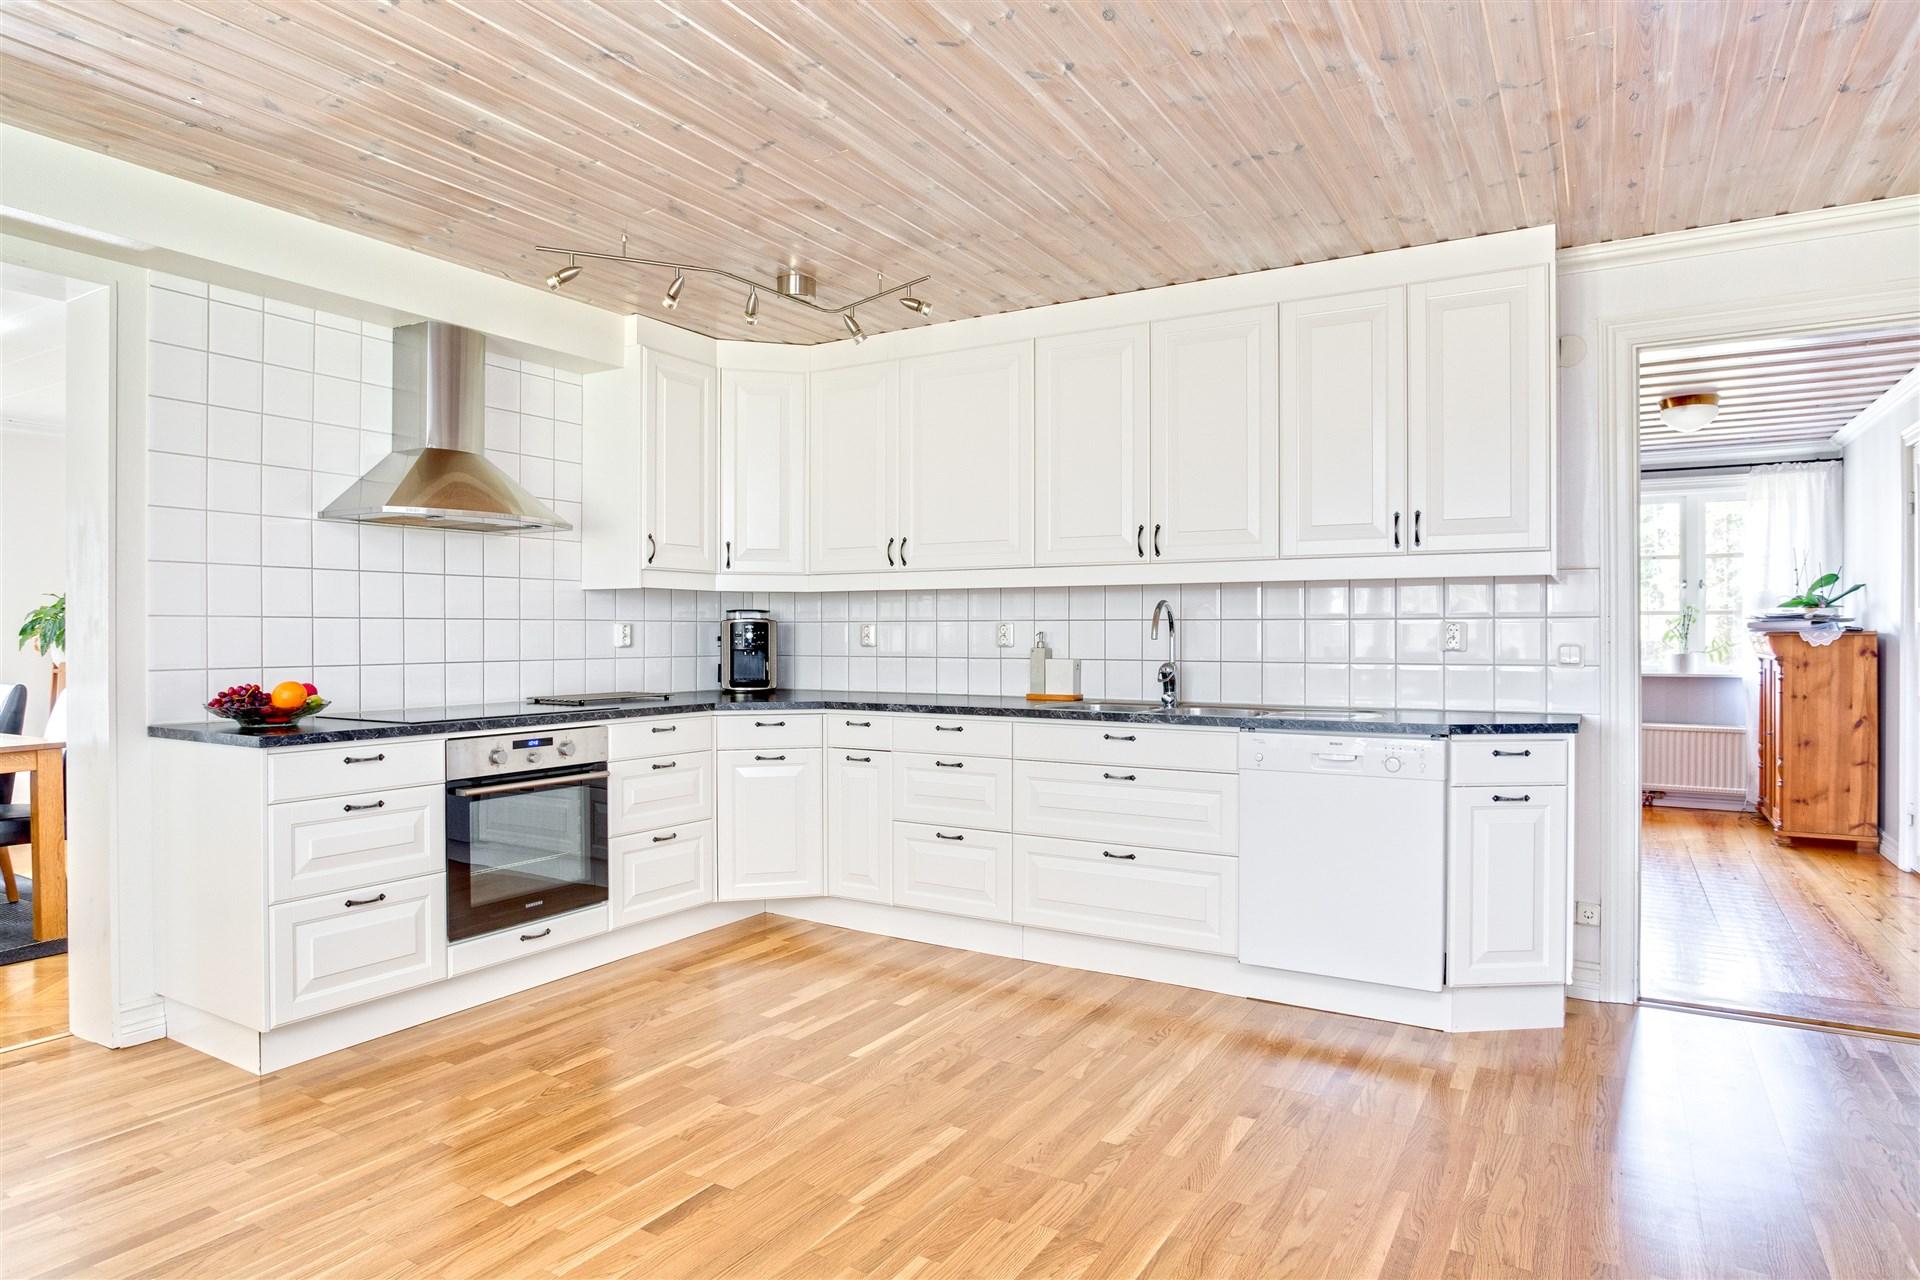 Fräscht kök med mycket bänkyta.